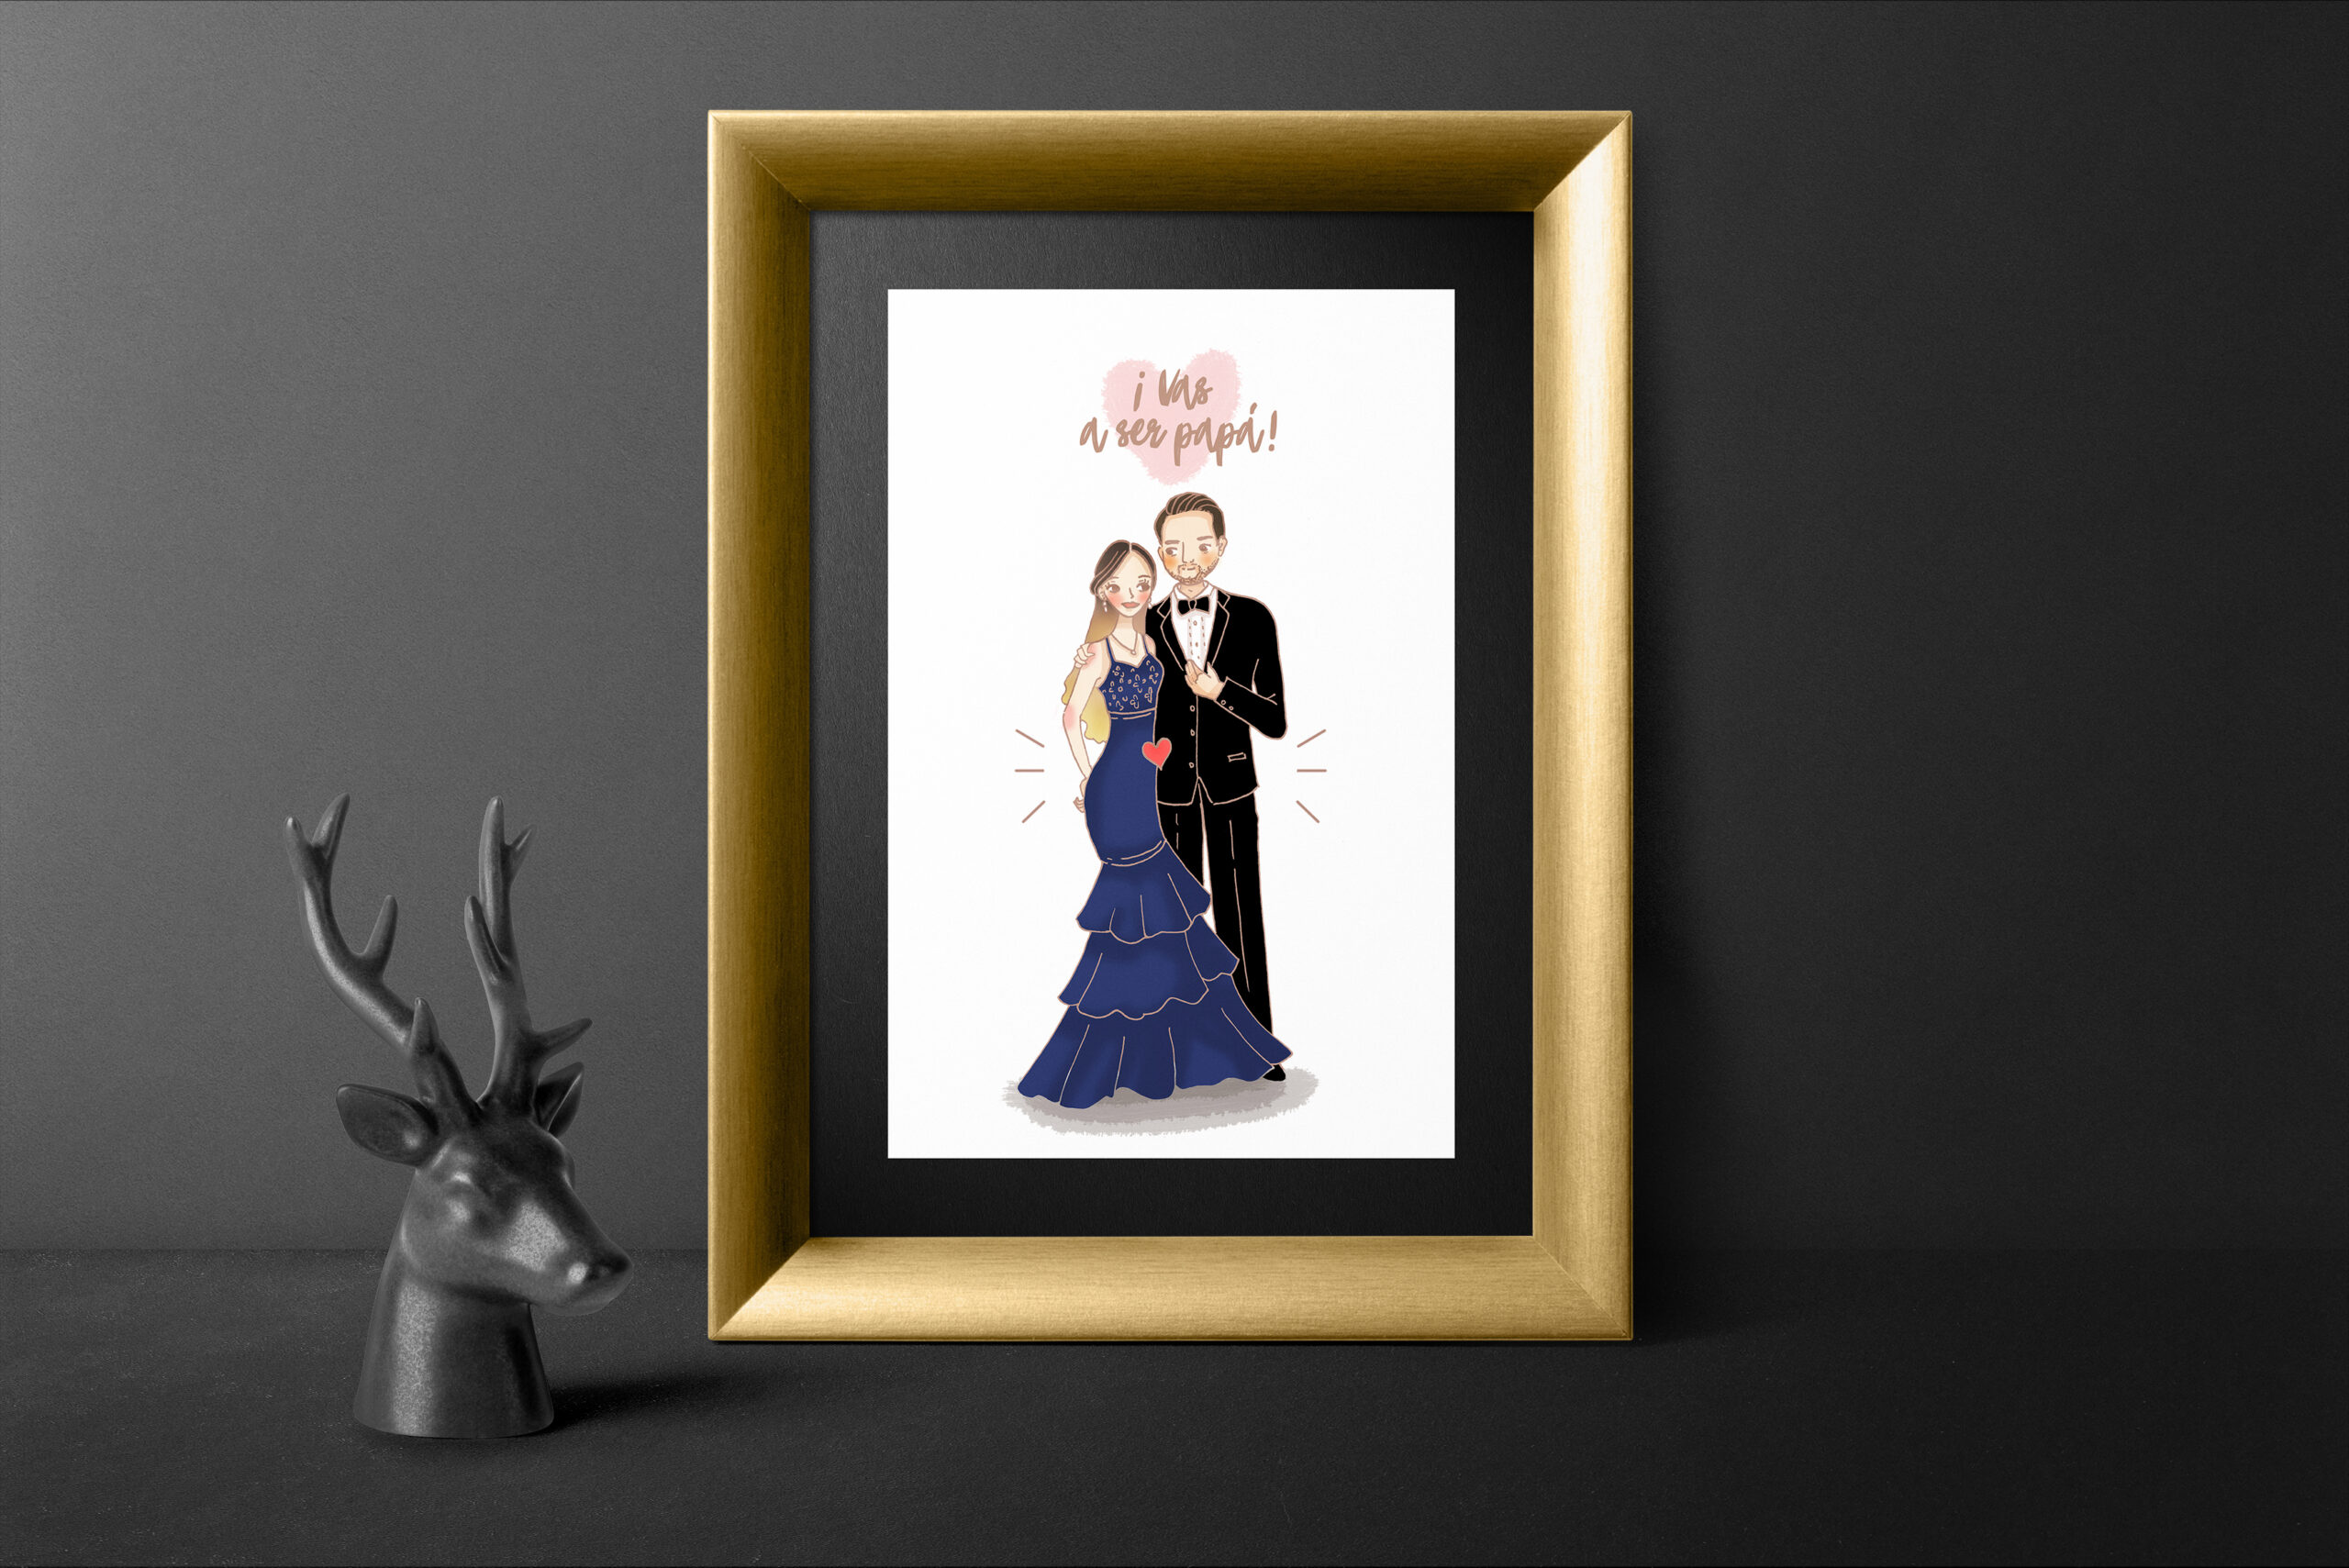 retrato pareja encinta cuadro dorado fondo negro